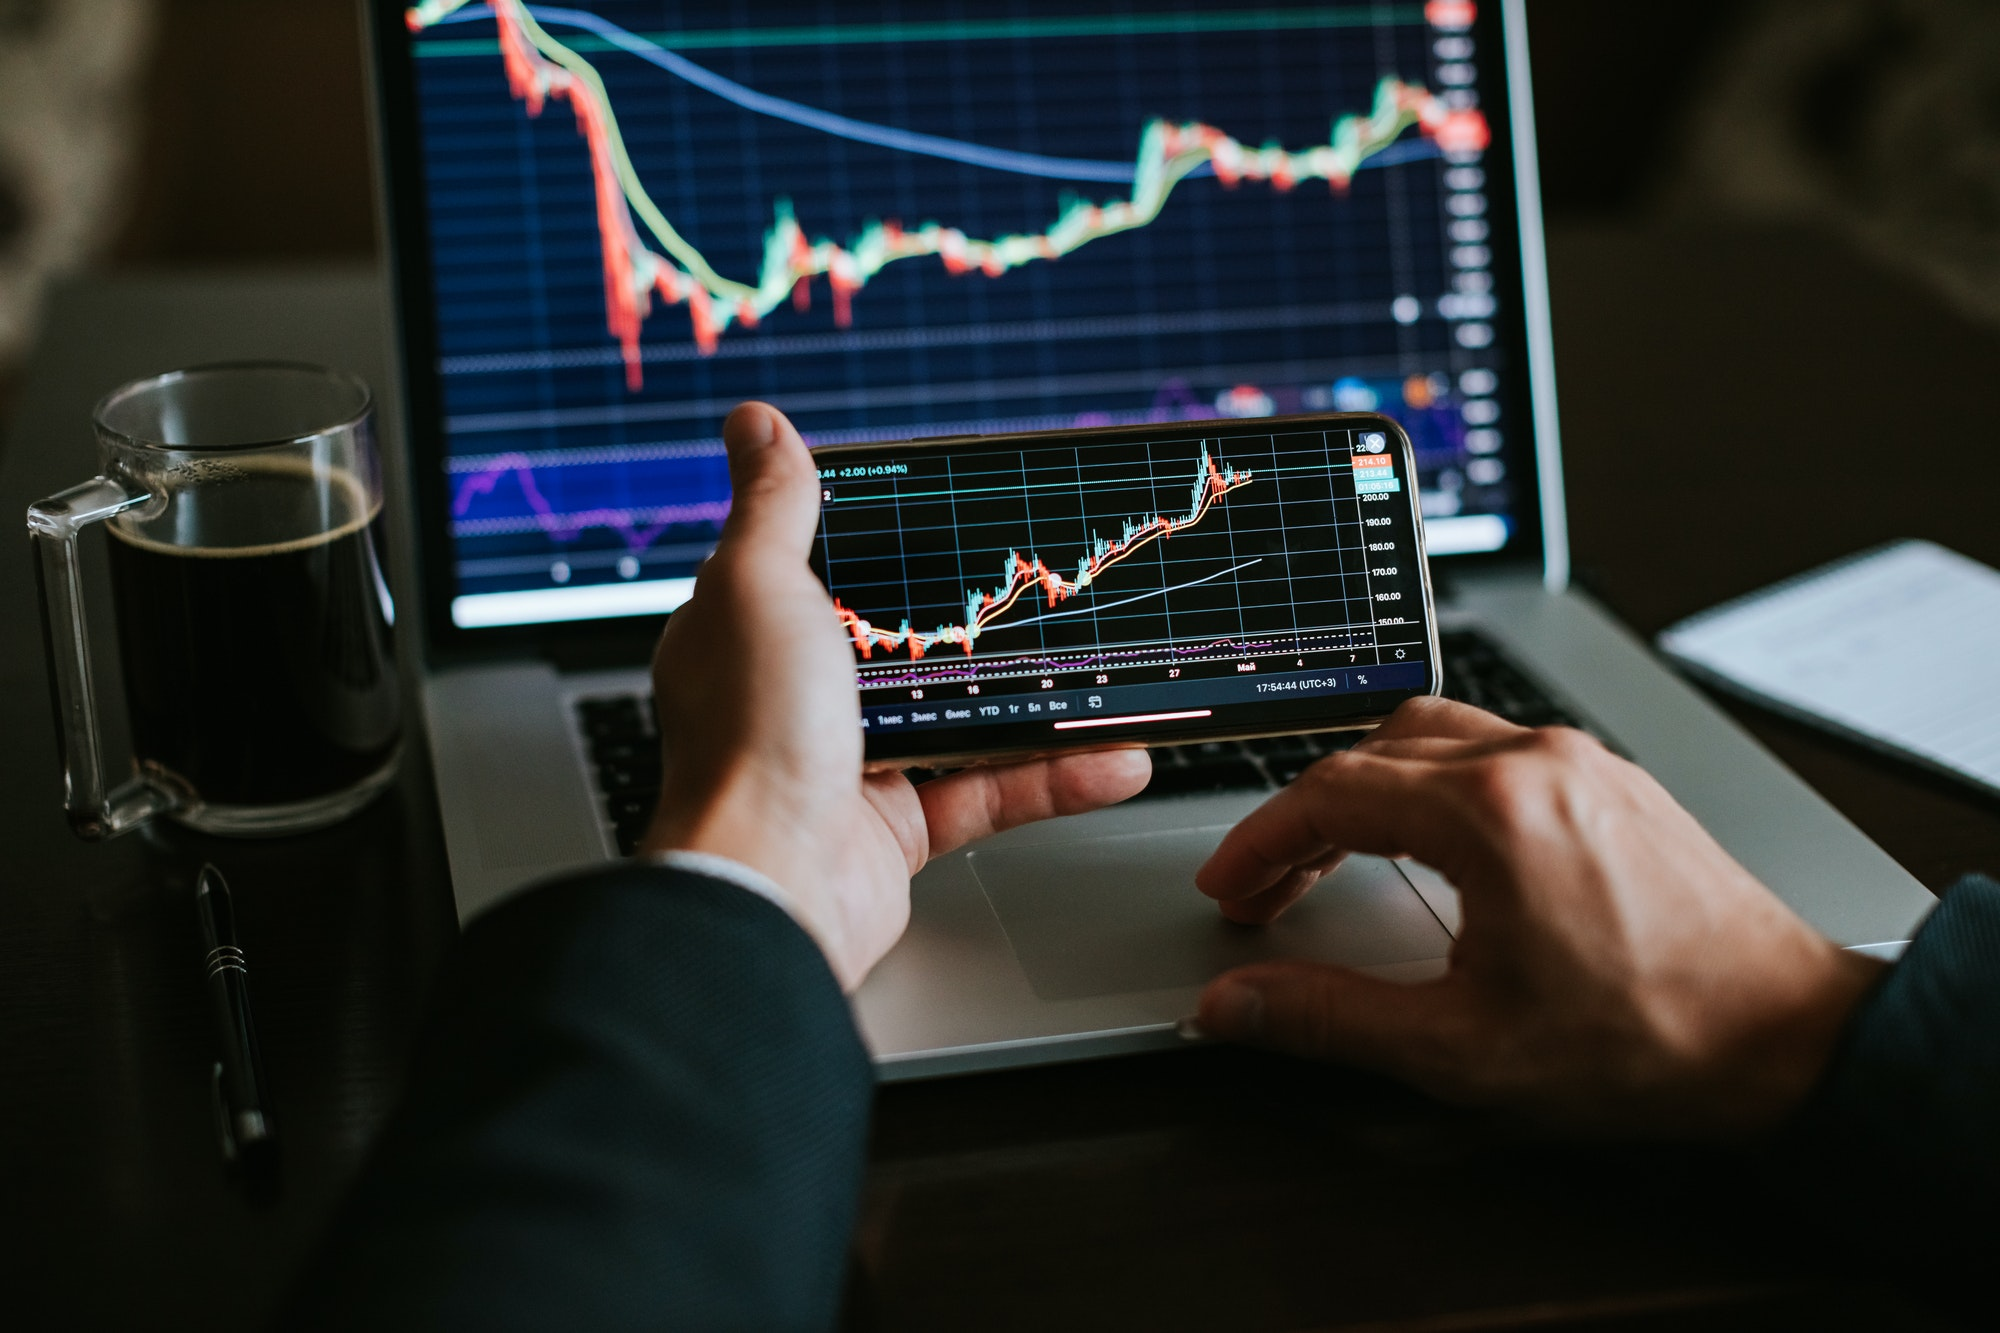 investment stockbroker stock market trading